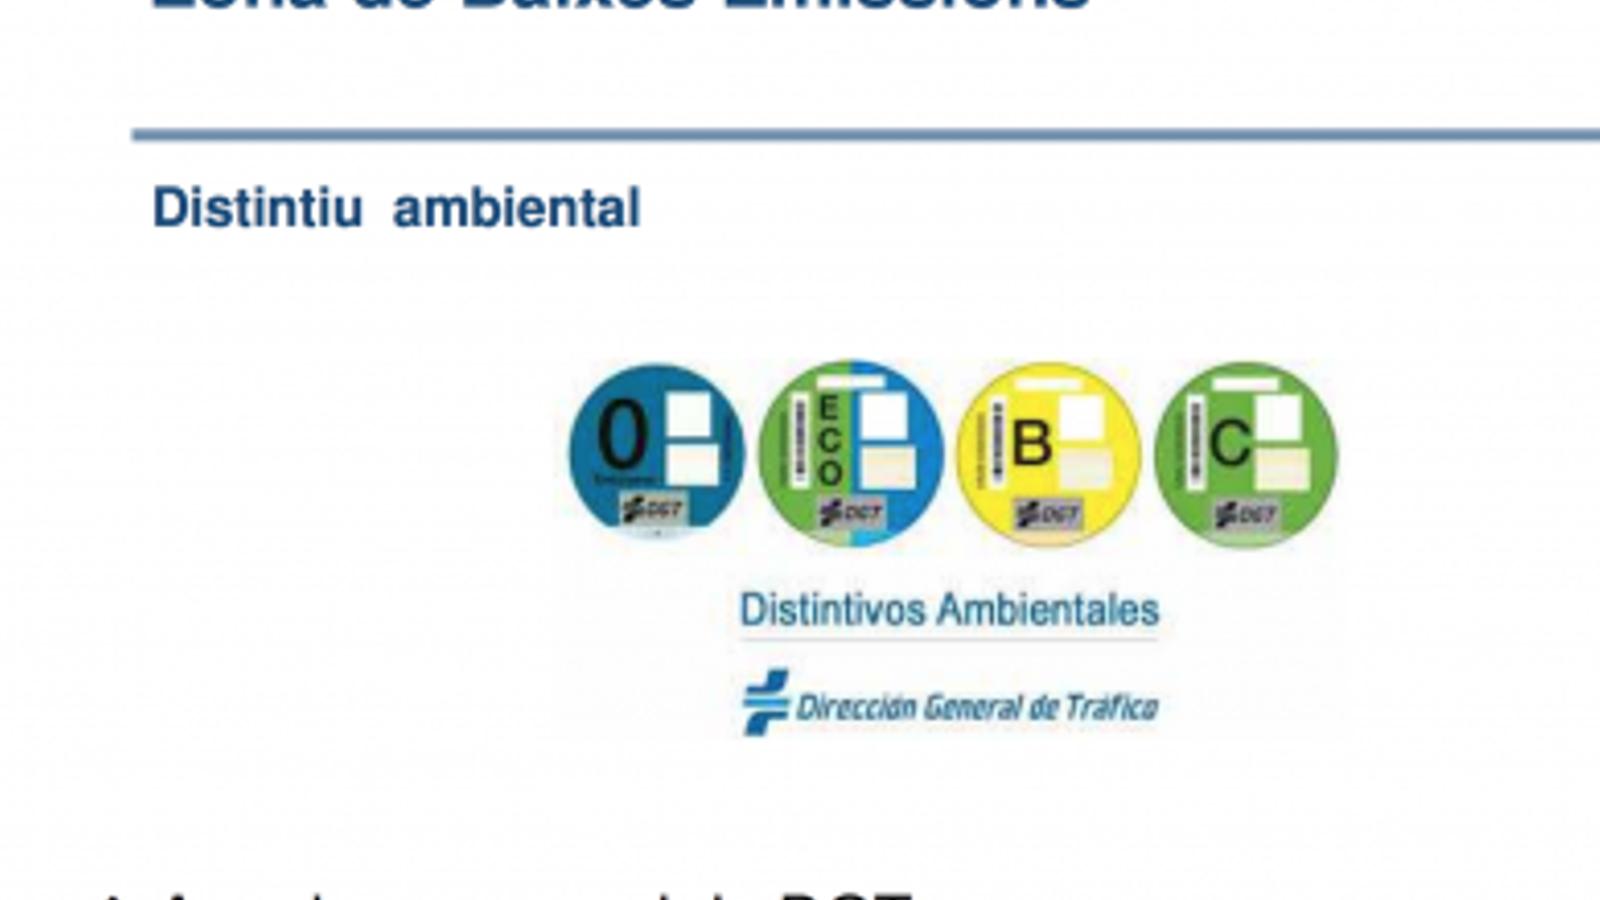 Canvis al calendari de la zona de baixes emissions de Barcelona